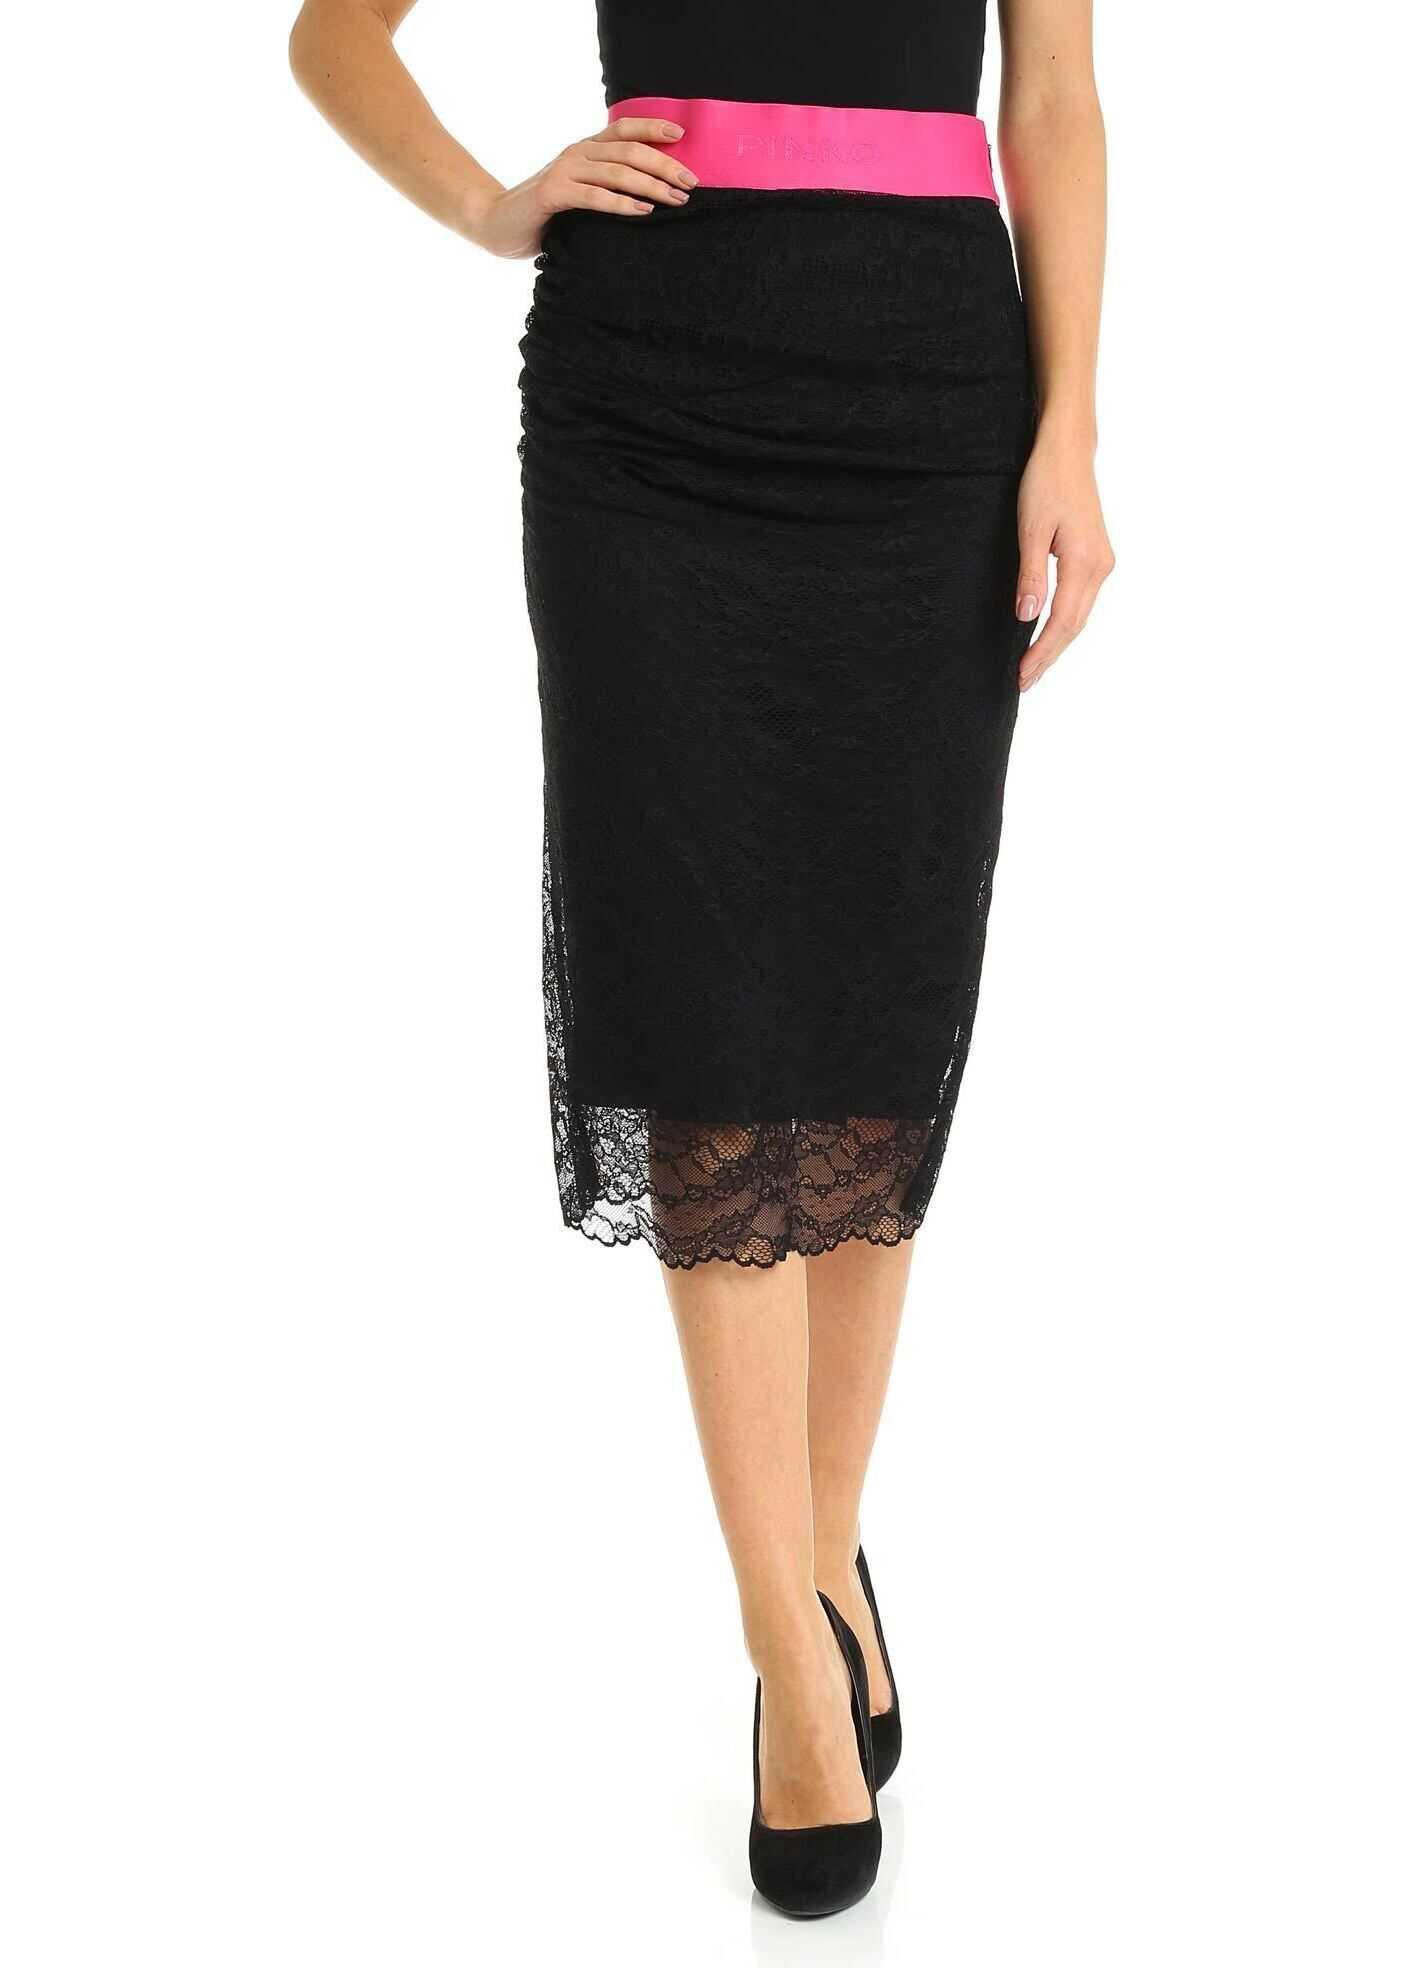 Tremare Skirt In Black thumbnail